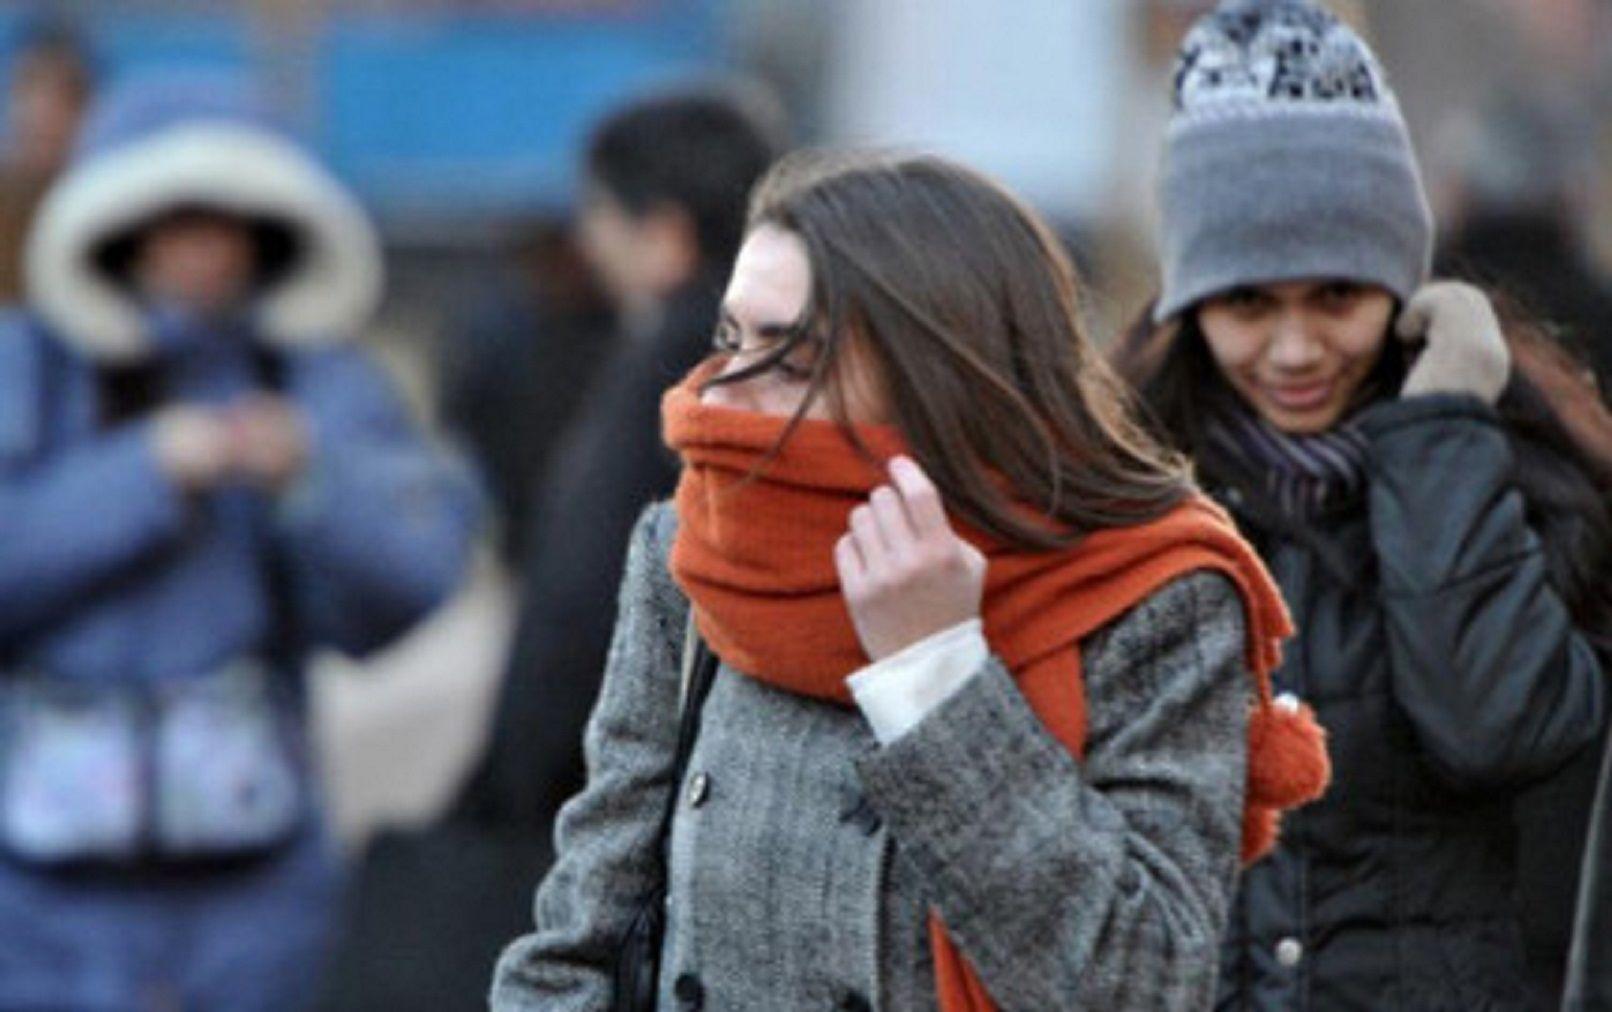 Sigue el frío en uno de los últimos días hábiles del otoño